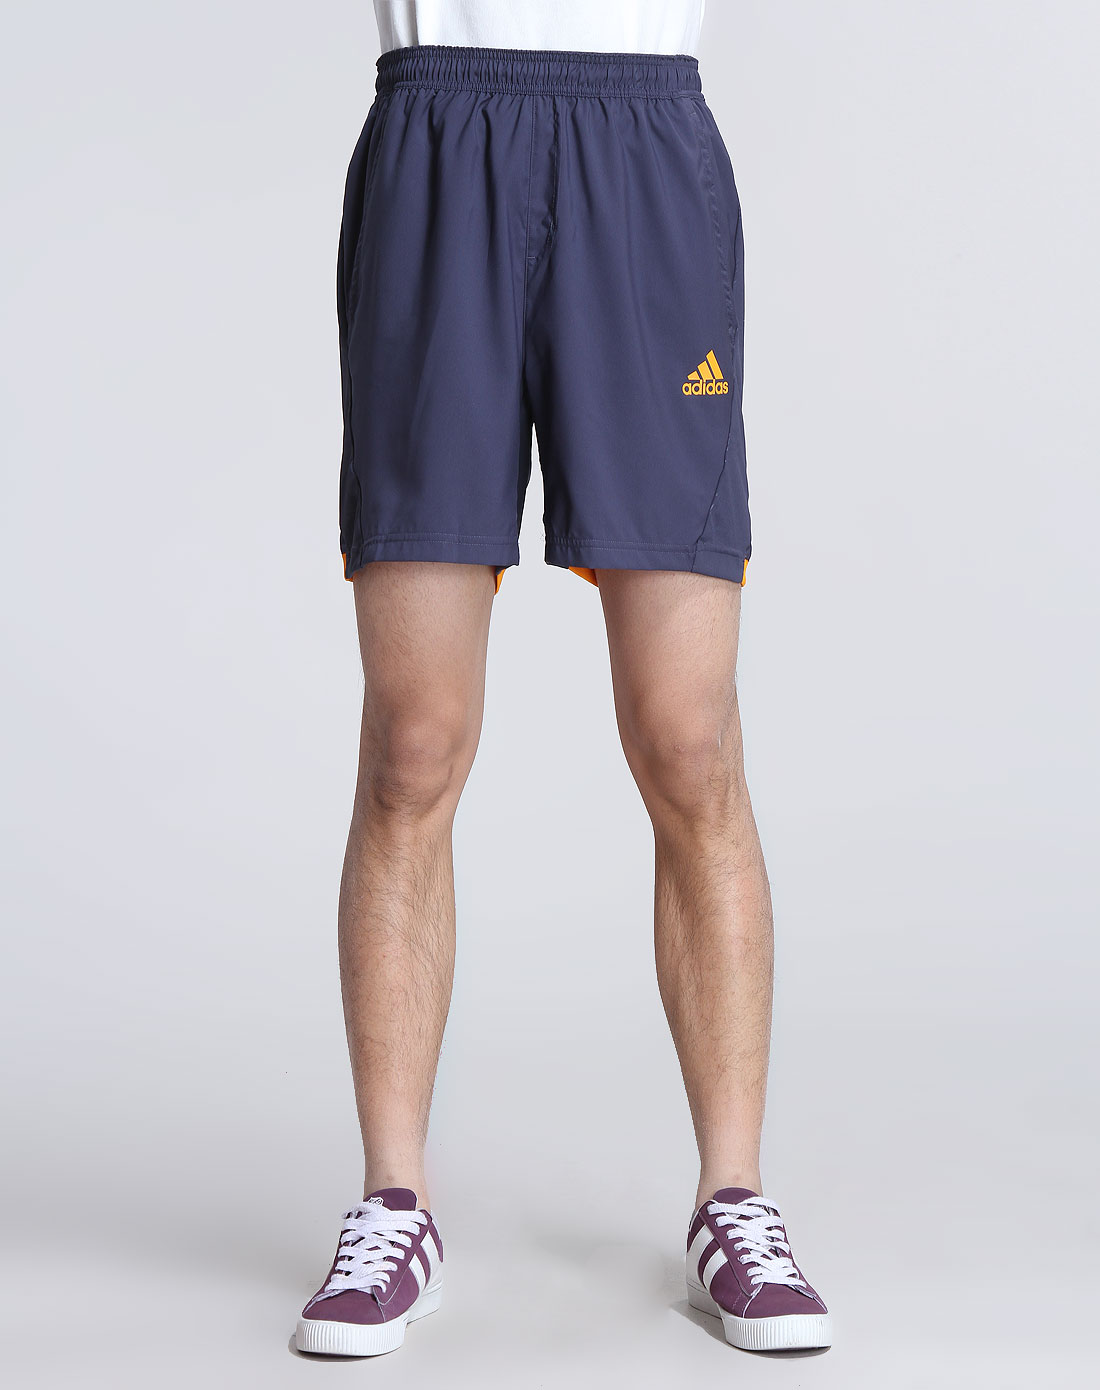 阿迪达斯adidas男装专场-男款深蓝灰色运动短裤